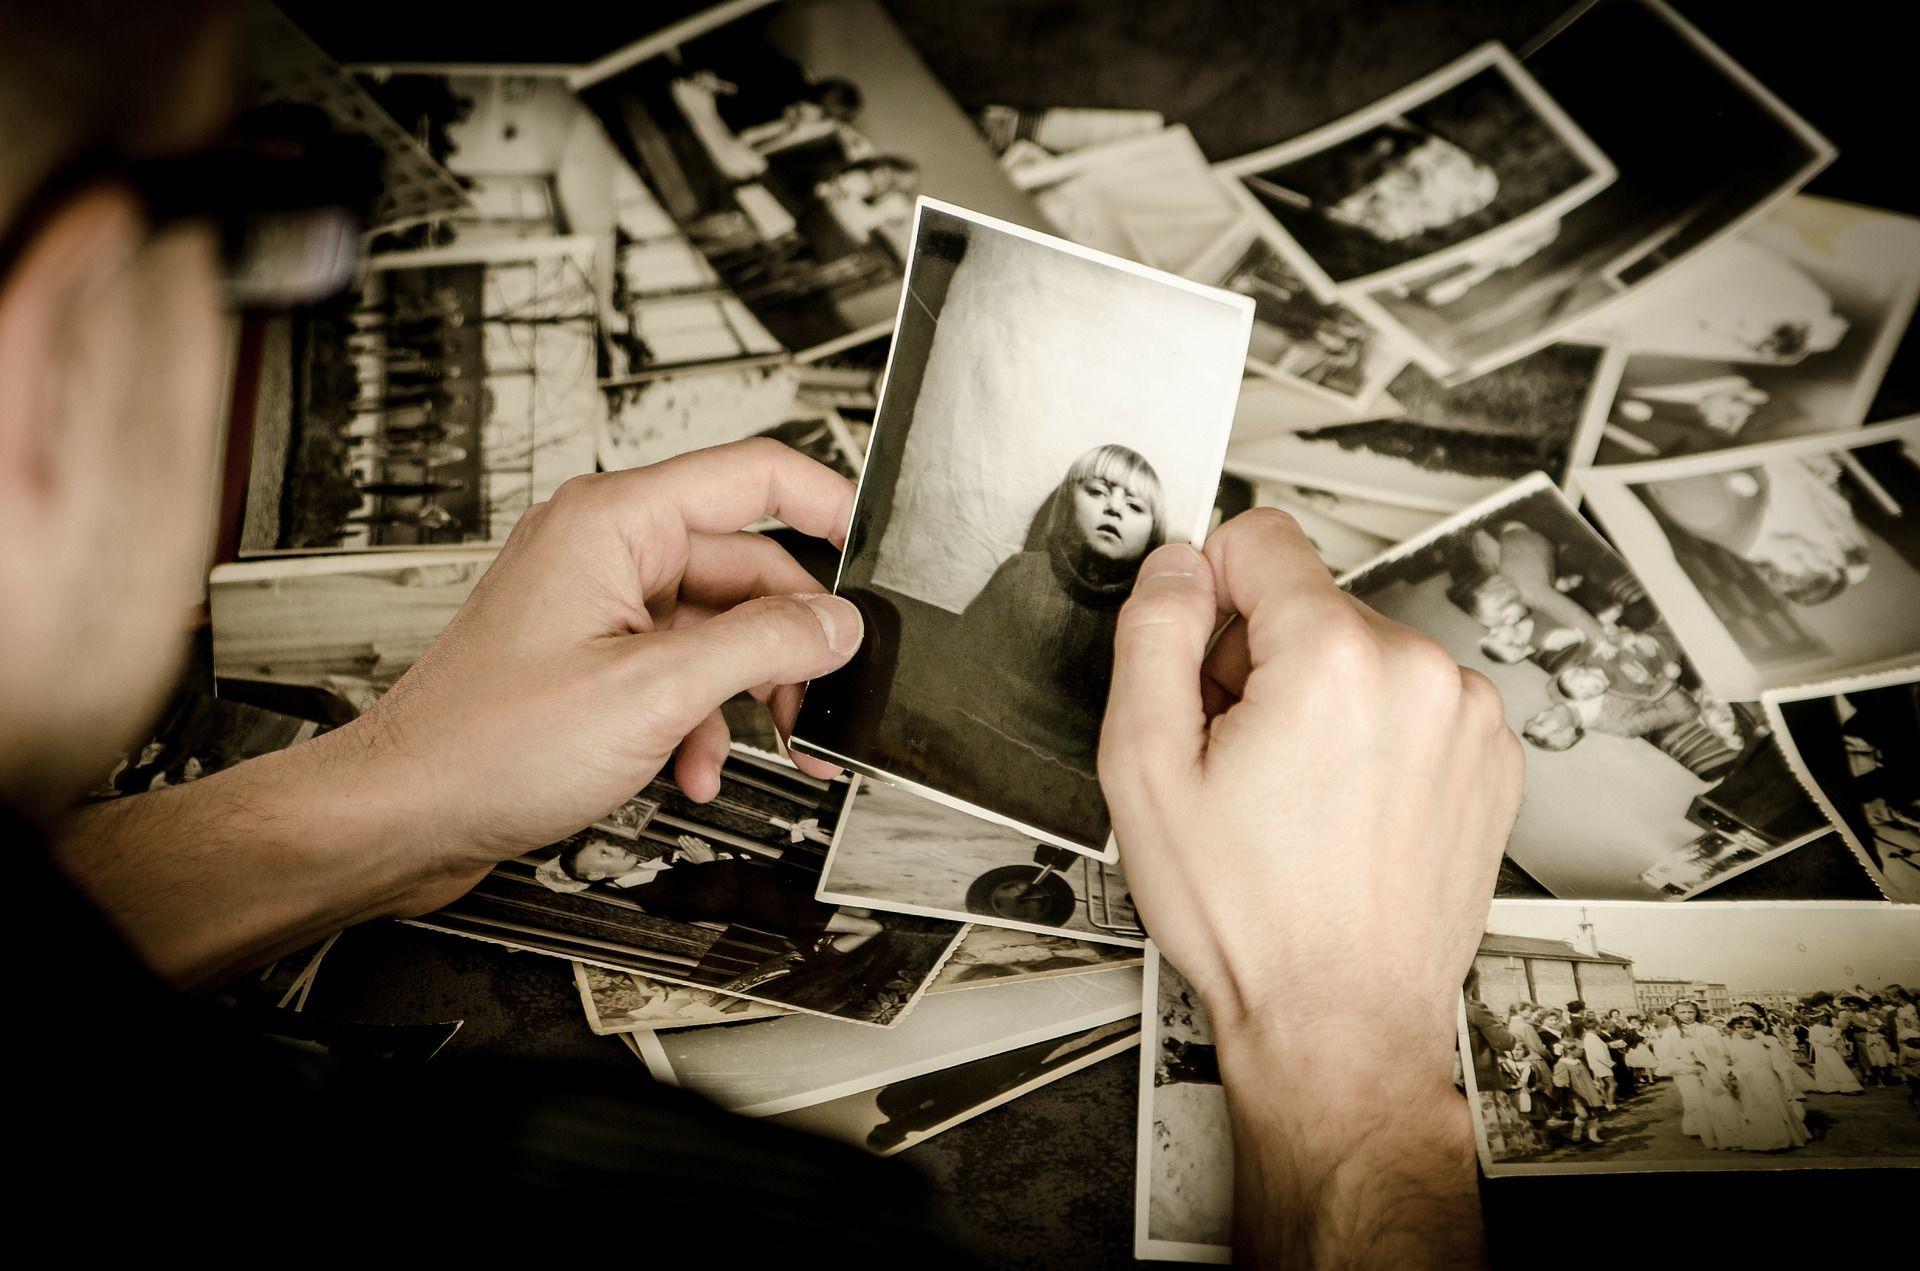 Lo que debes saber de la fotomancia, el arte de adivinar mirando fotografías